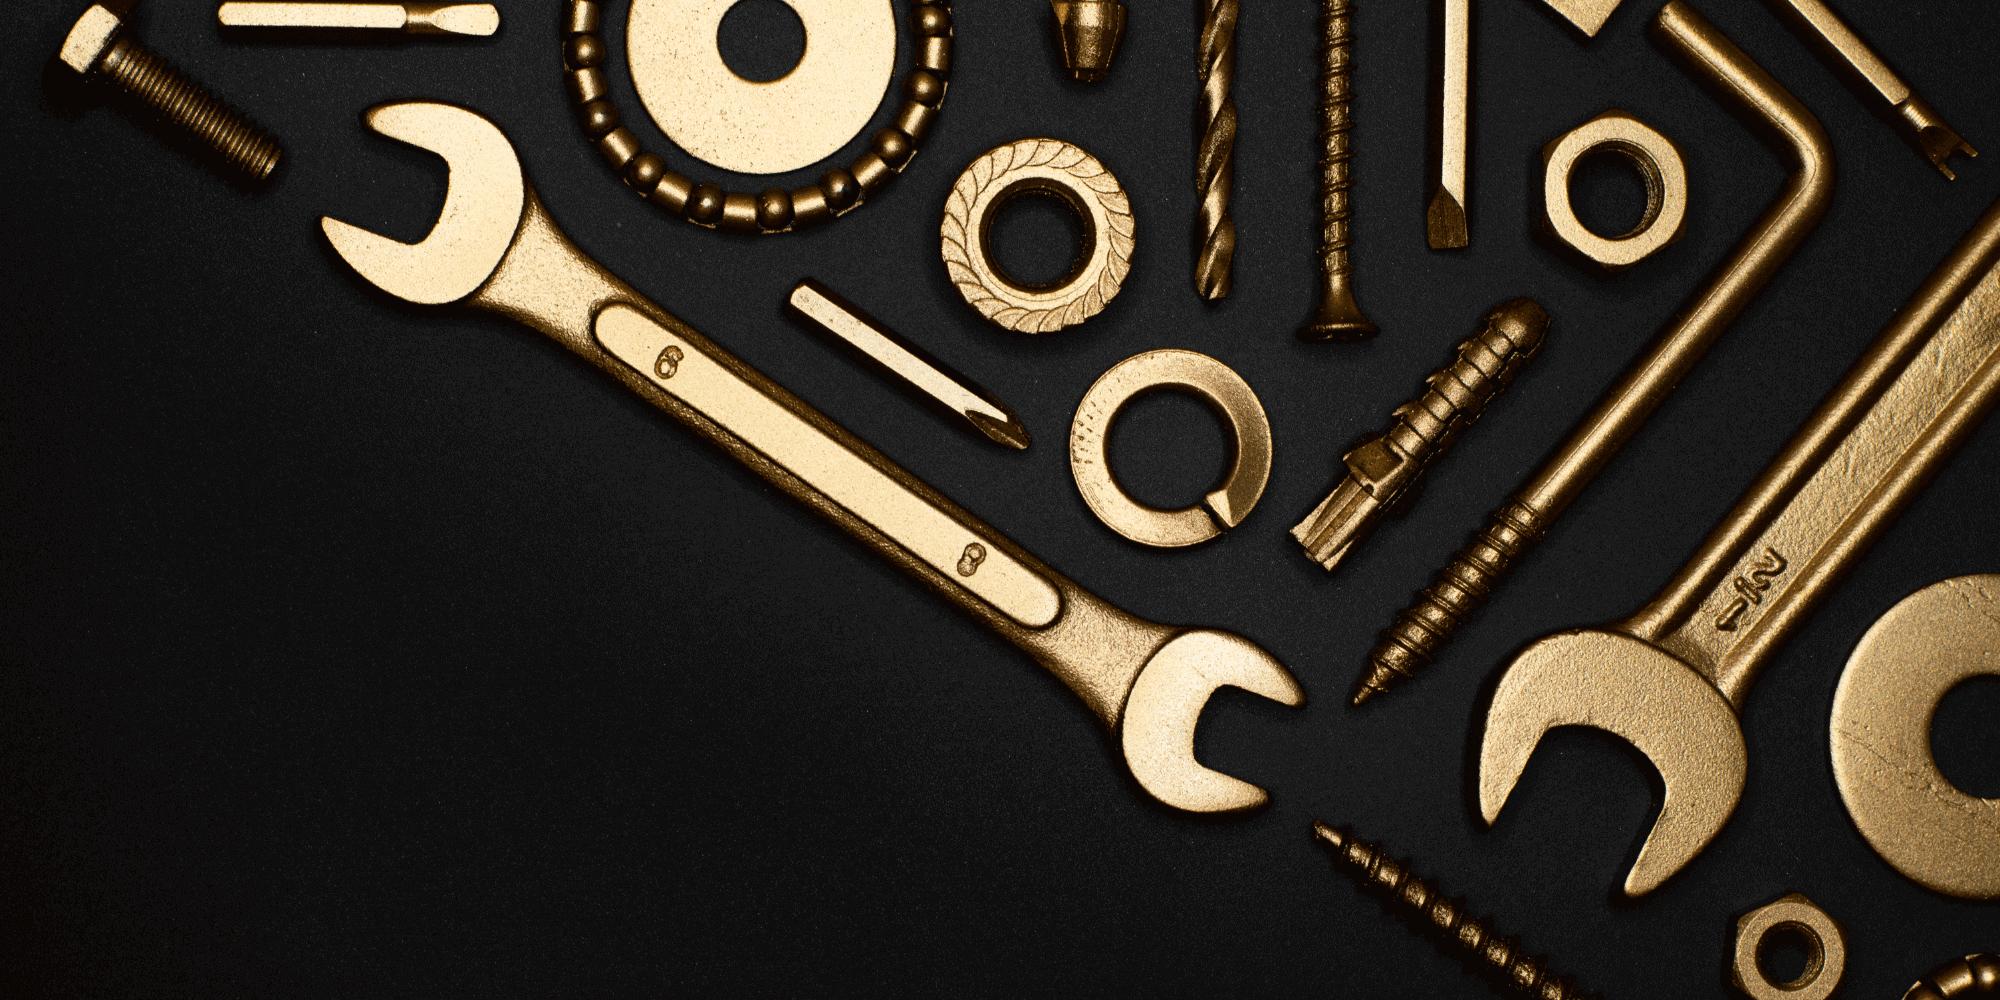 5 x de beste gratis SEO tools van 2021